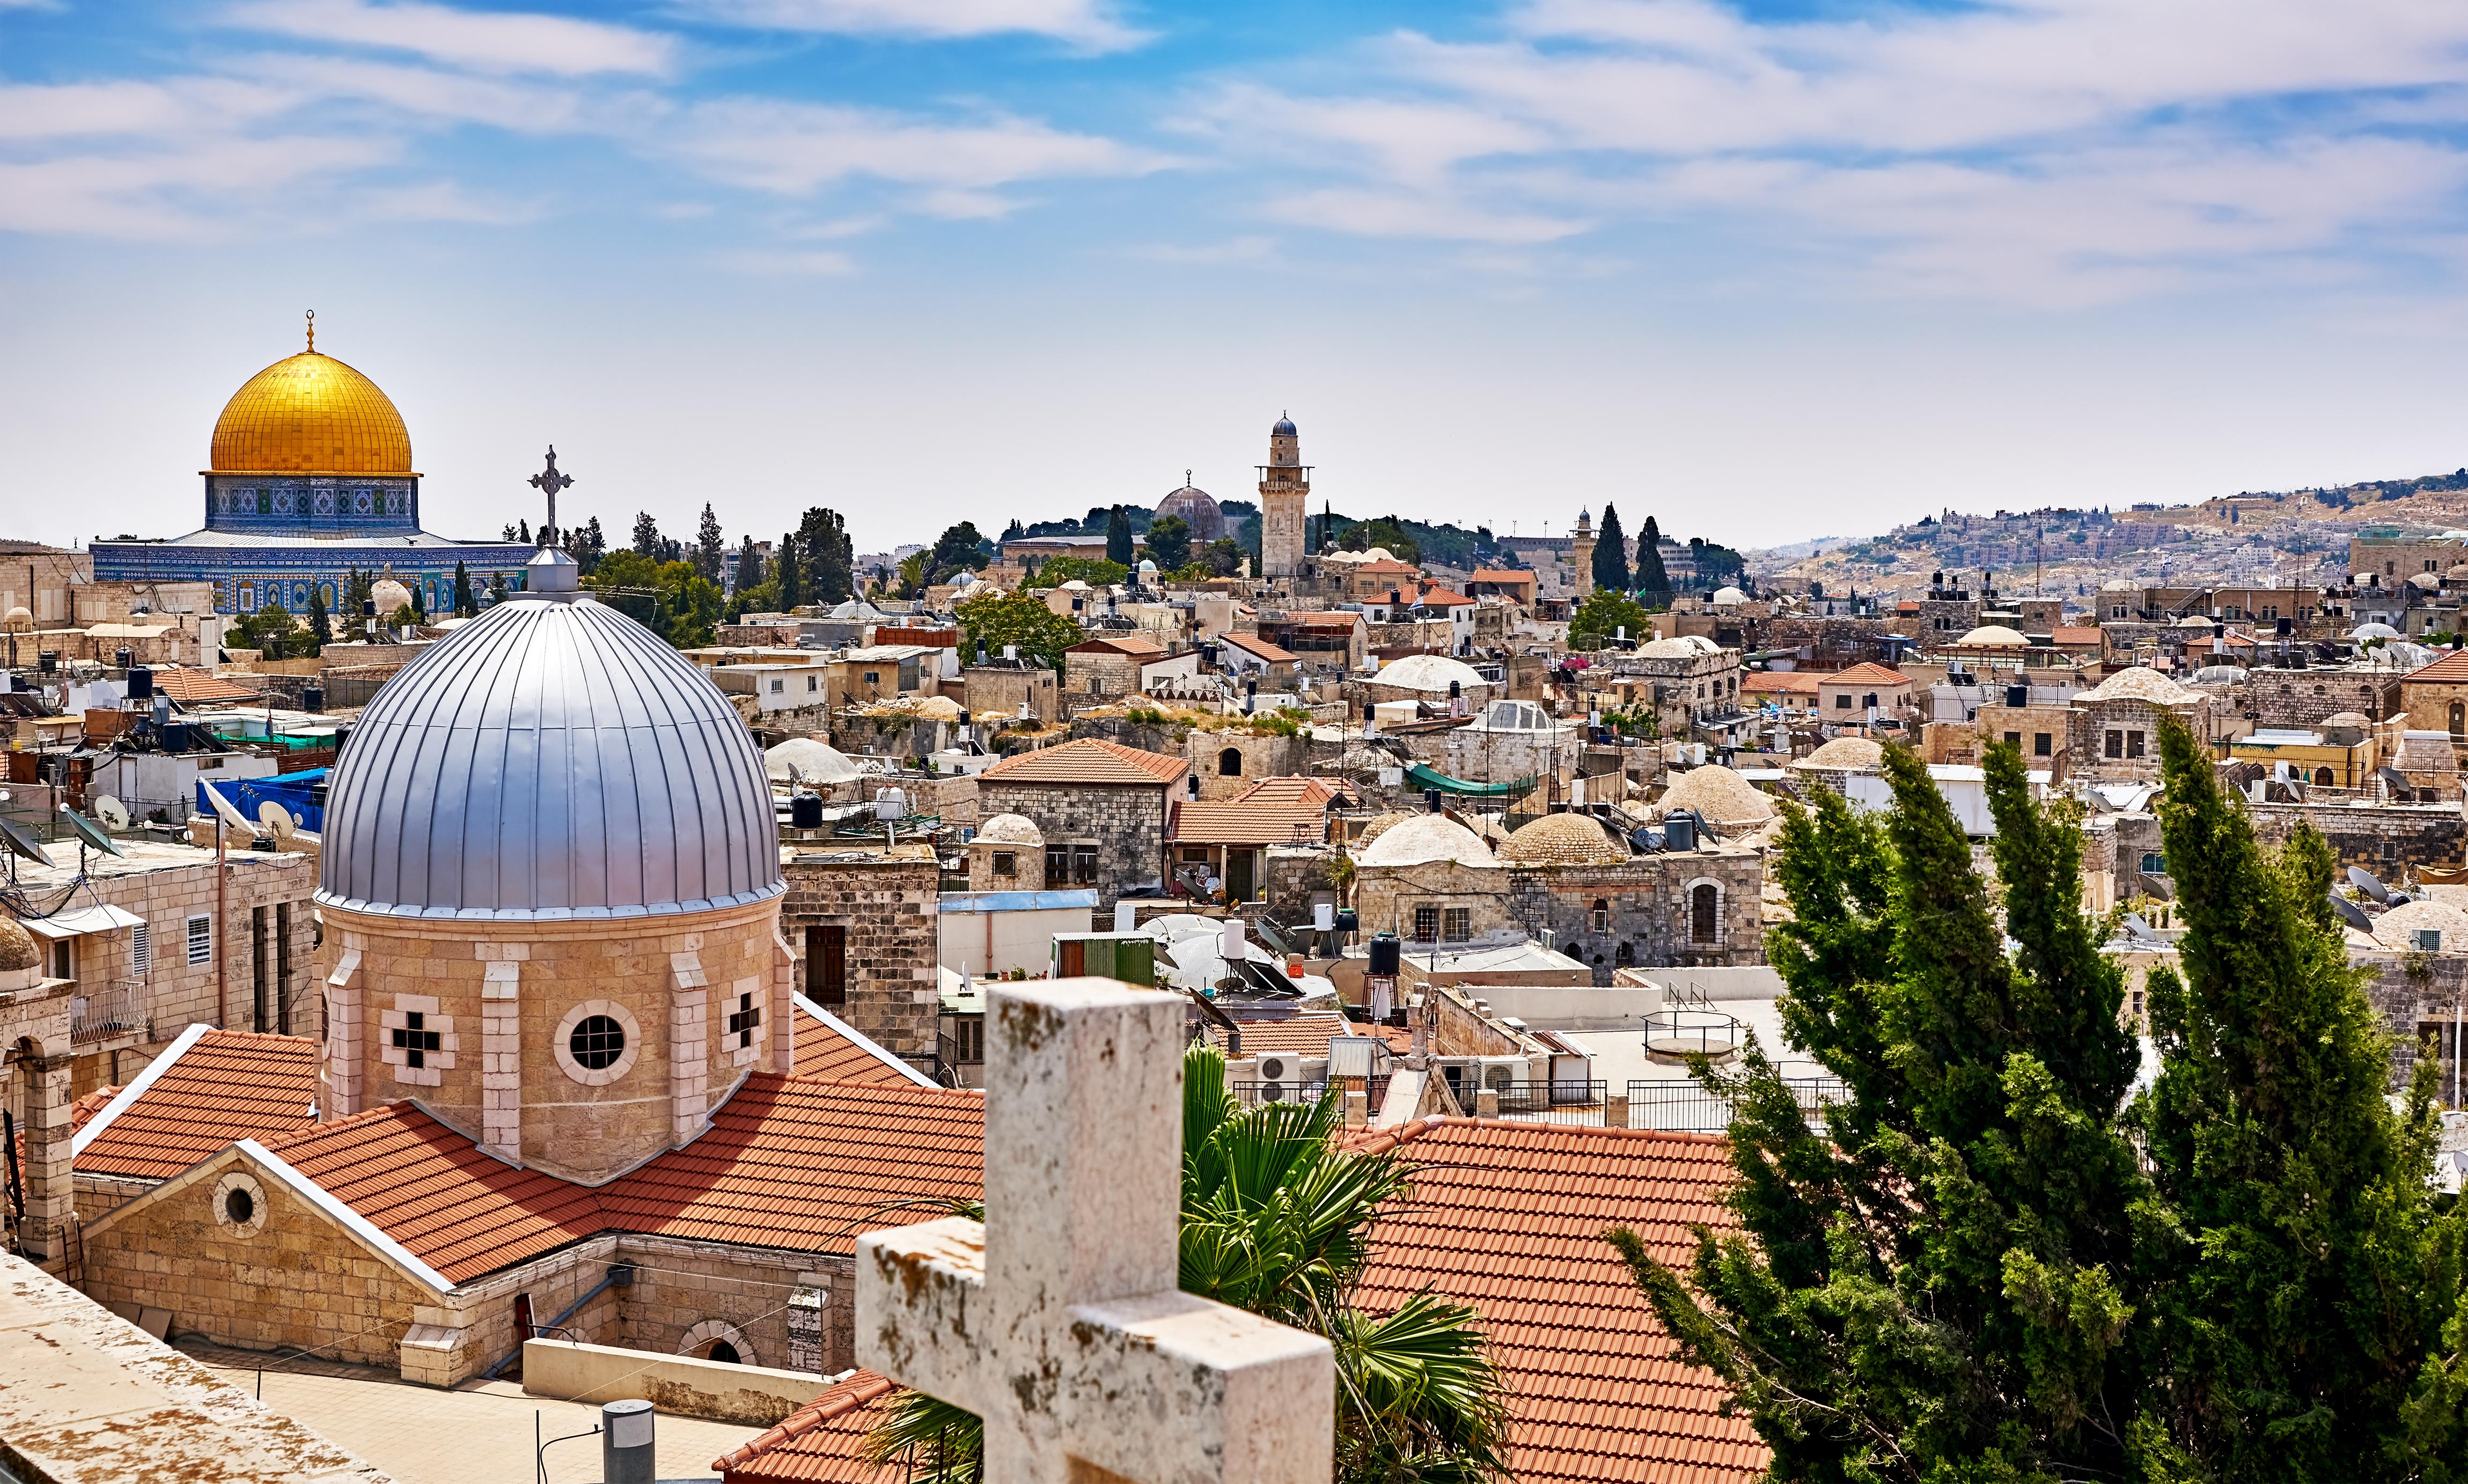 Jerusalén, la ciudad de las tres culturas - Israel Circuito Recorriendo Israel